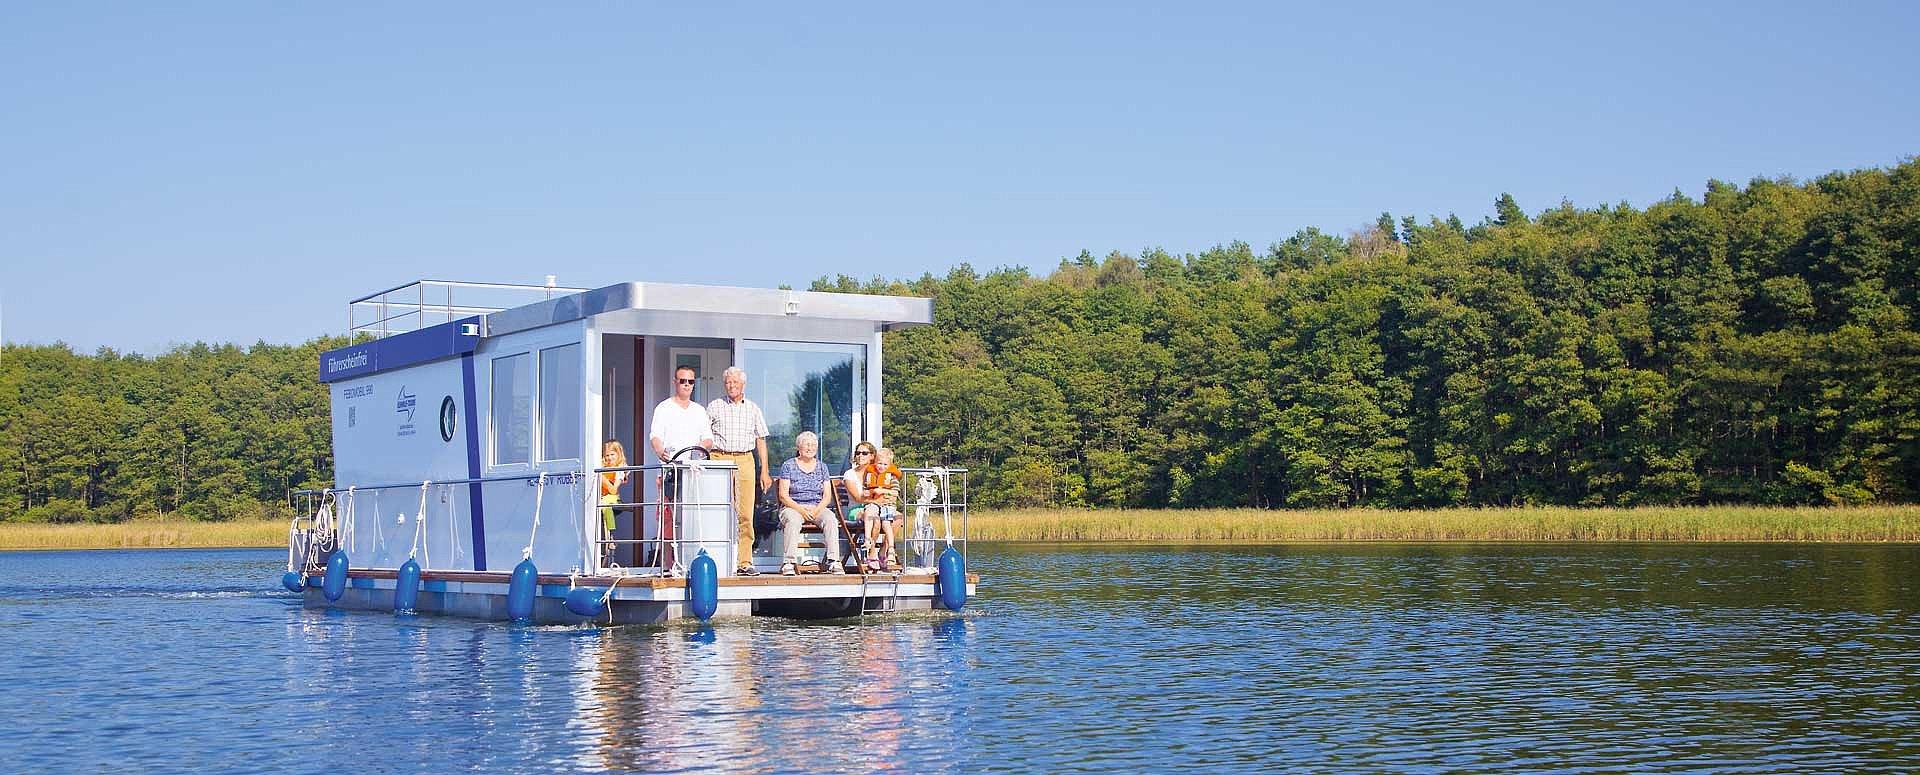 Aus Protest gegen die Tourismuspolitik in Mecklenburg-Vorpommern verlegt Kuhnle Tours, Teile seiner Flotte ins Nachbarland Brandenburg.